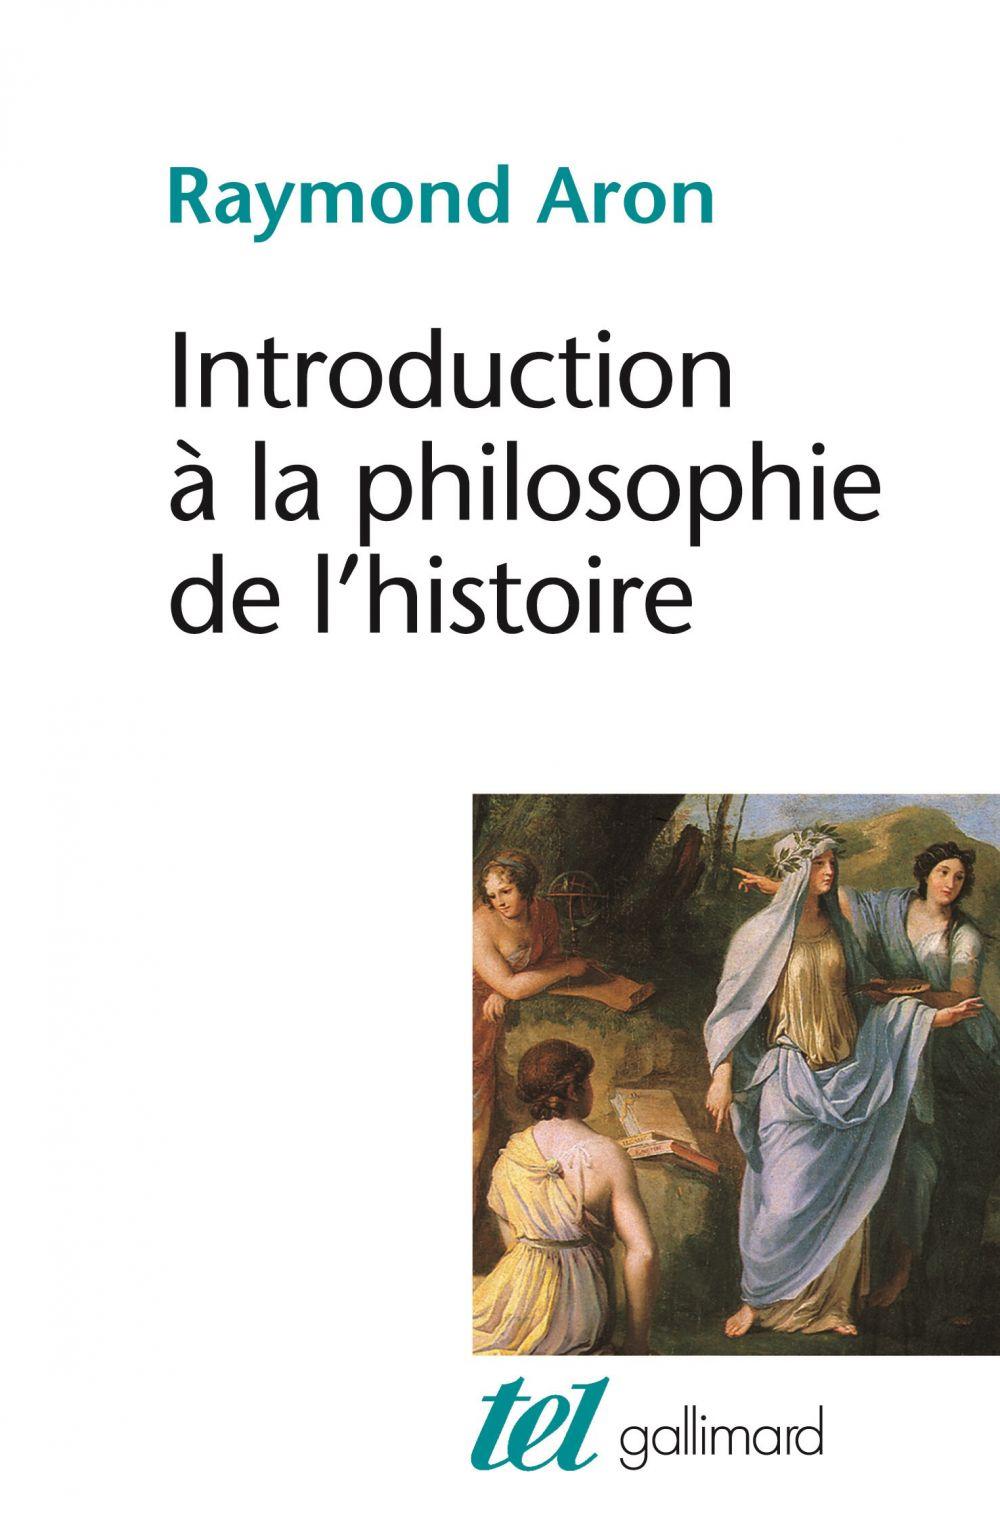 Introduction à la philosophie de l'histoire. Essai sur les limites de l'objectivité historique | Aron, Raymond (1905-1983). Auteur